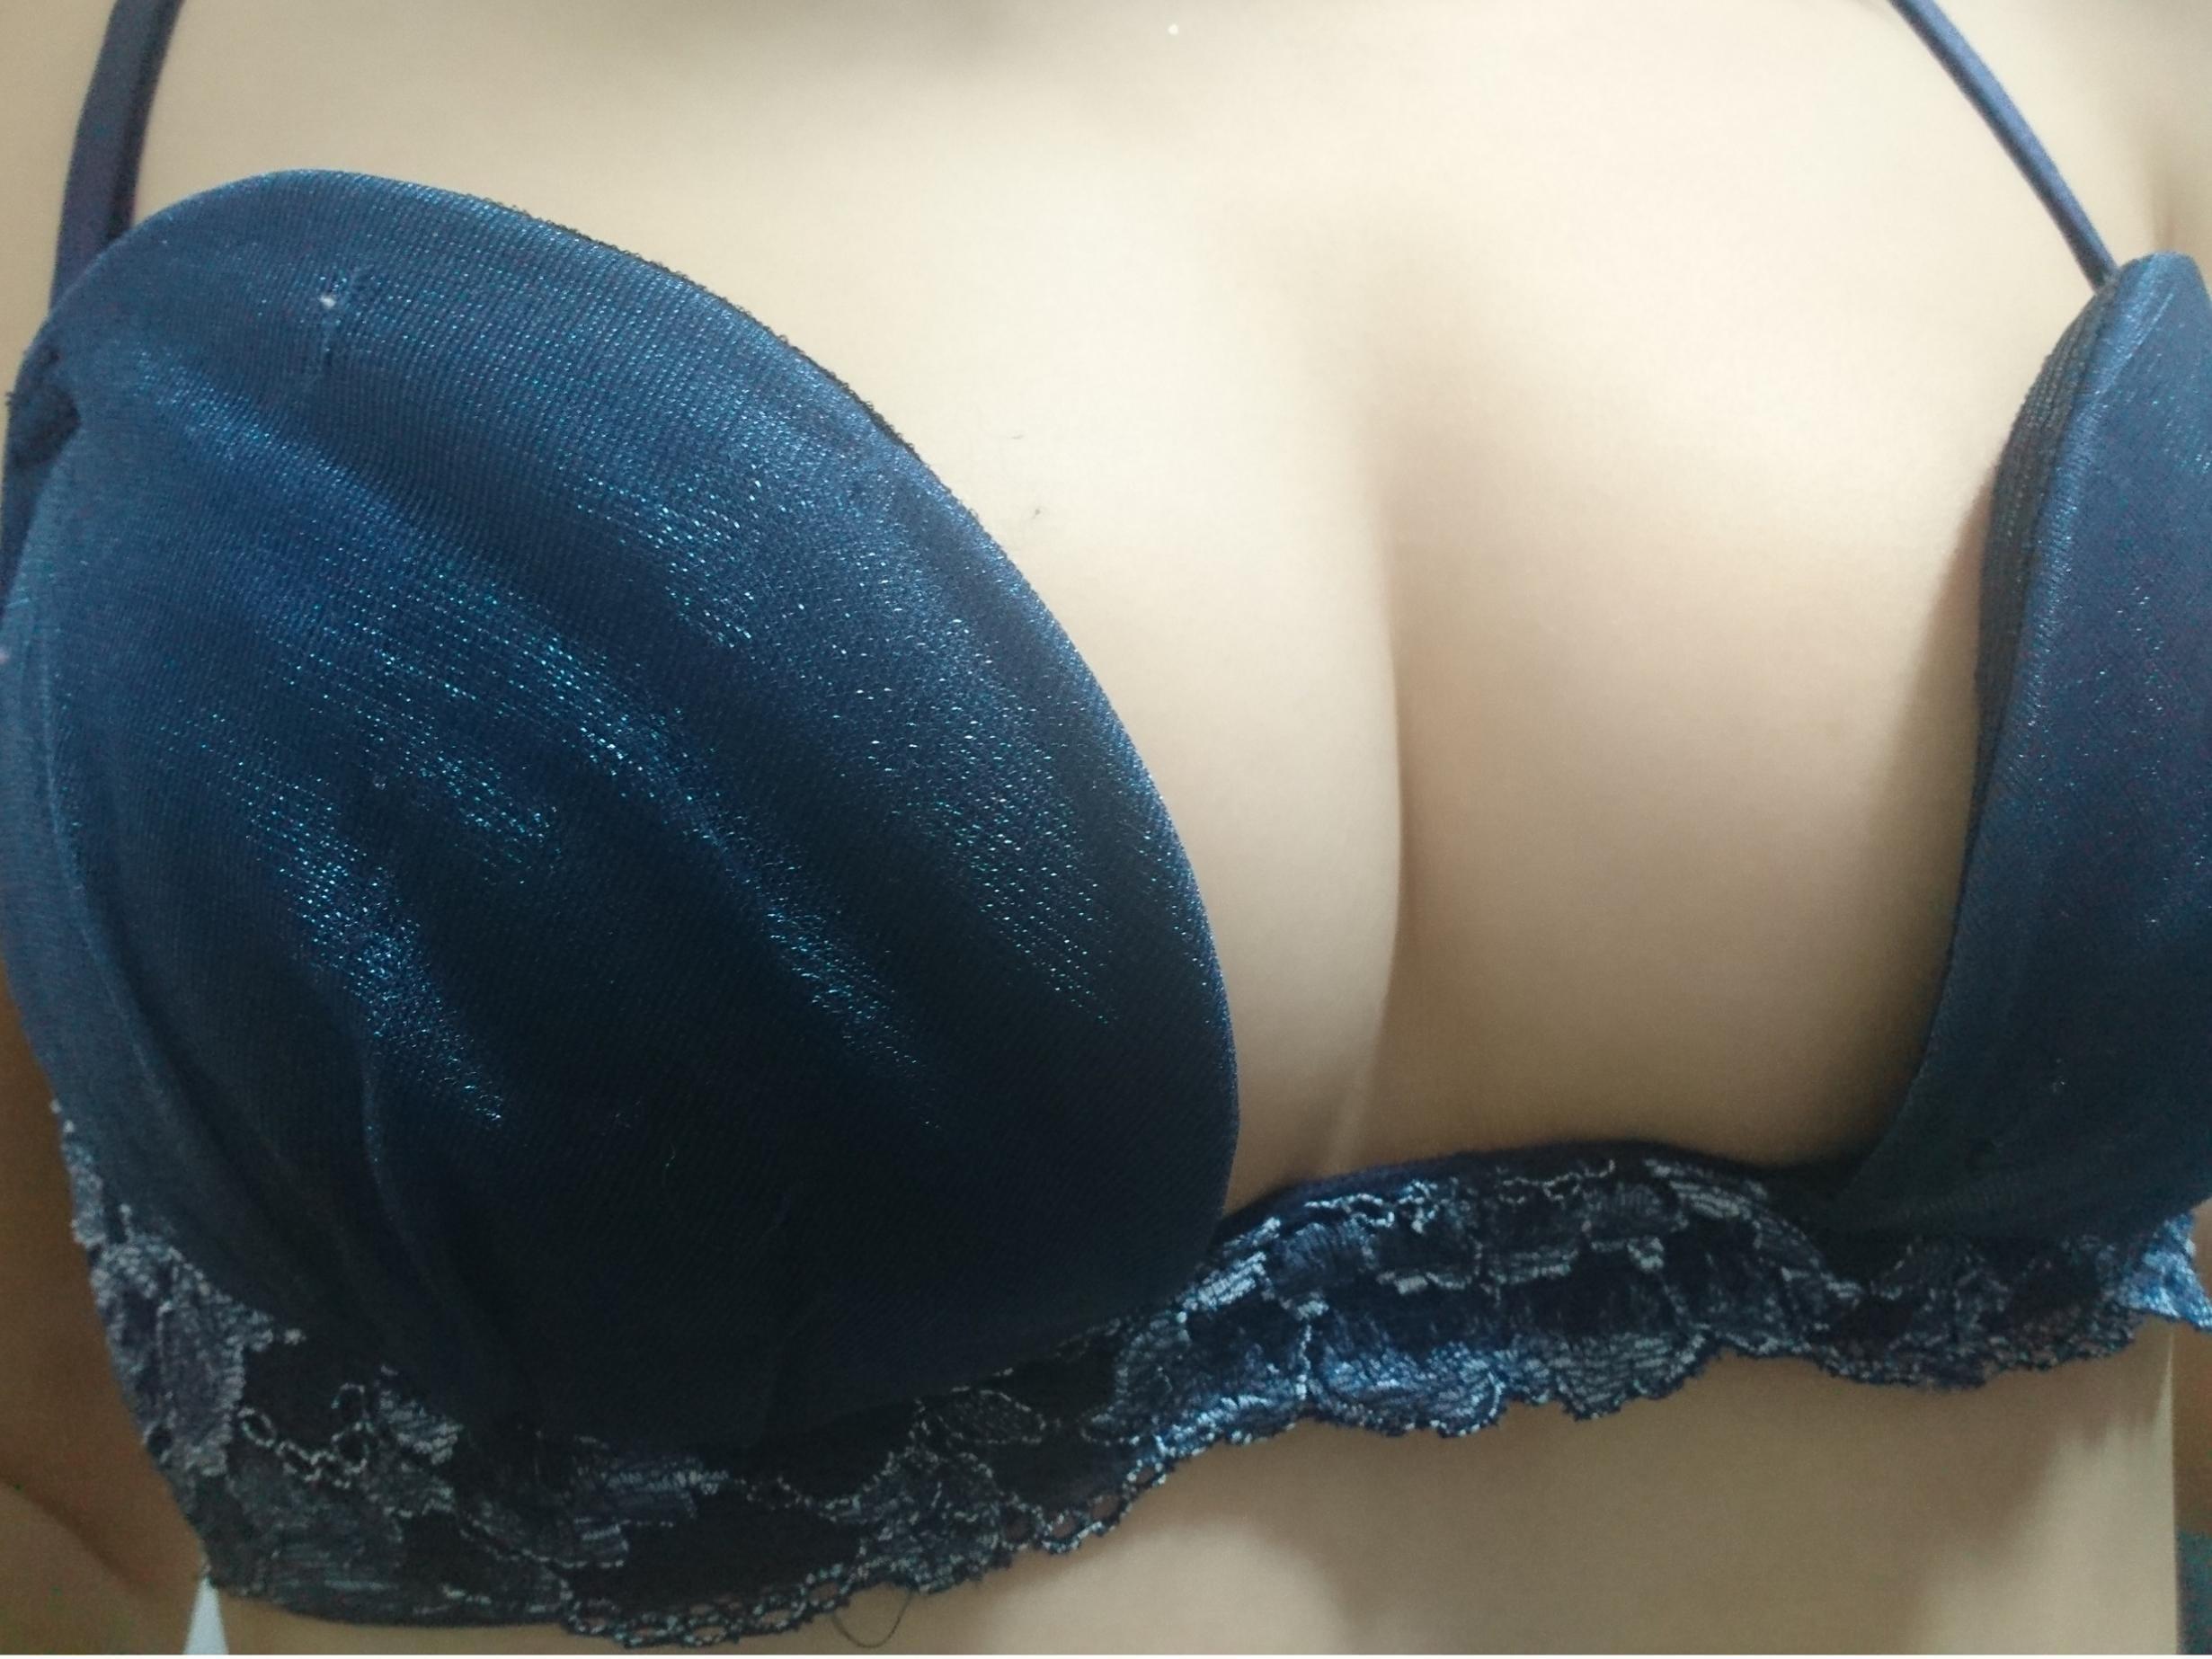 秋元あやめ「こんにちはー!」12/15(土) 15:57   秋元あやめの写メ・風俗動画